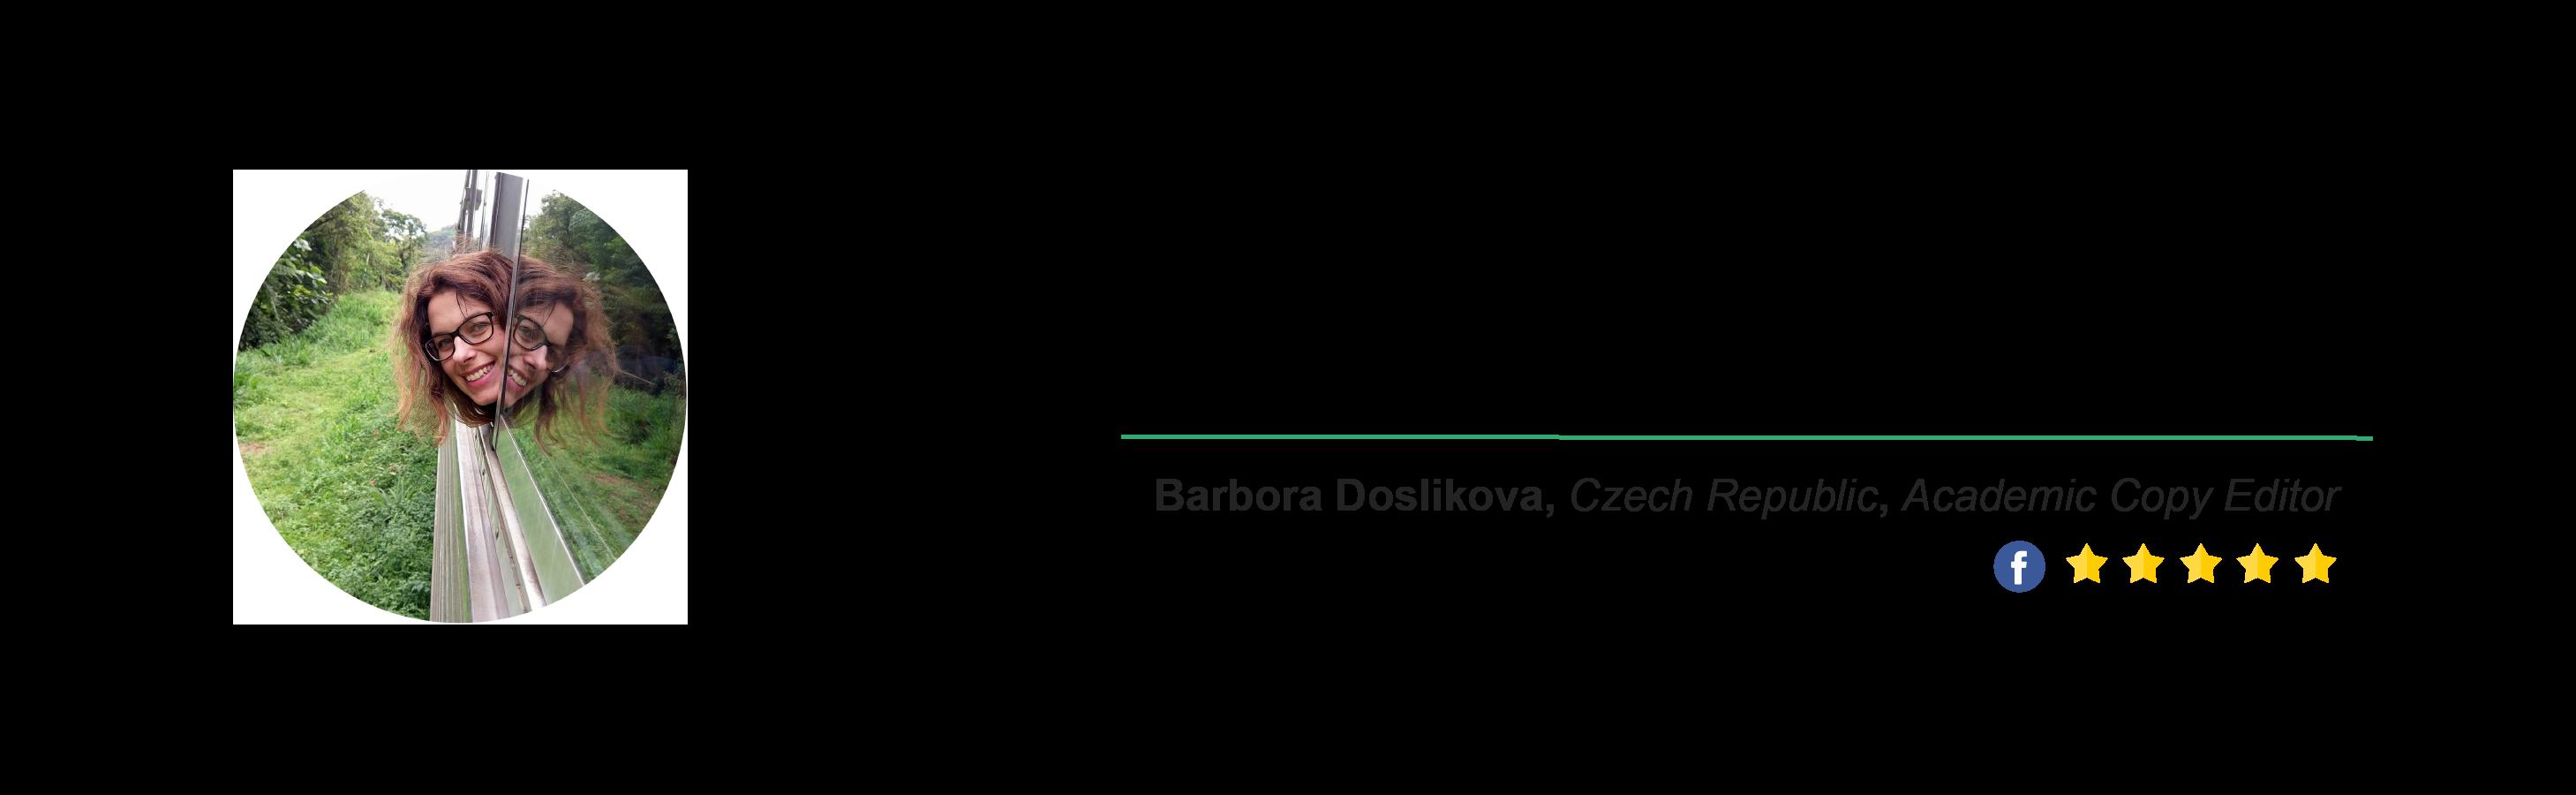 Locus Testimonial - Barbora Doslikova